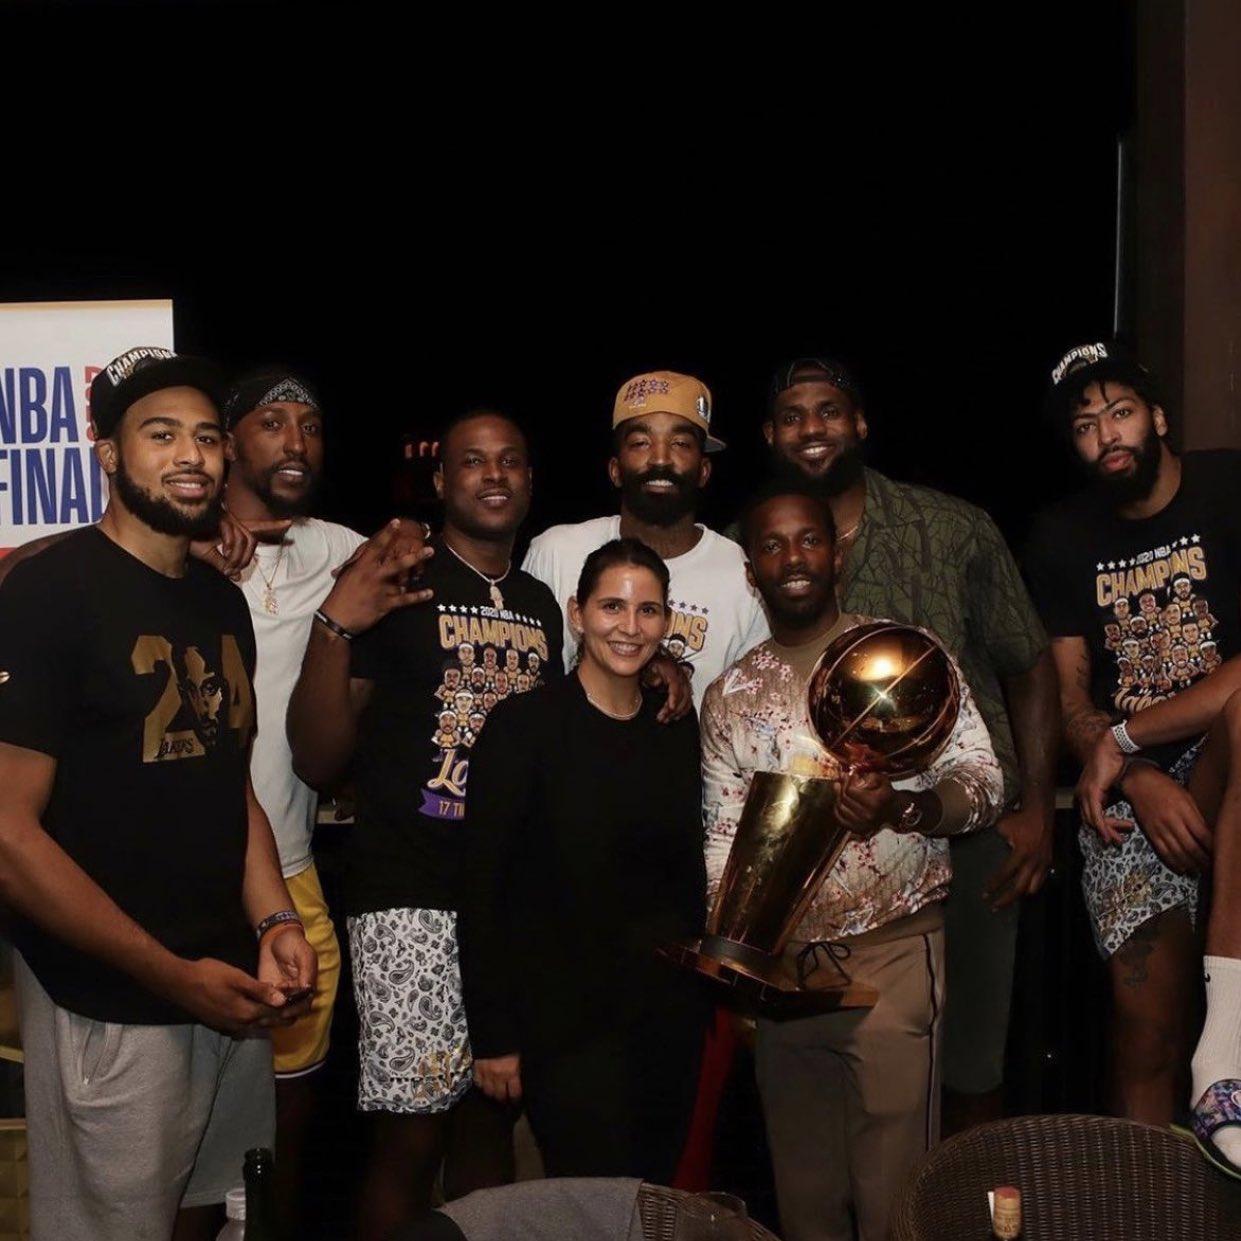 詹姆斯權勢太大?匿名經紀人批其違規:詹姆斯一直在幫助富保羅招募球員!-黑特籃球-NBA新聞影音圖片分享社區